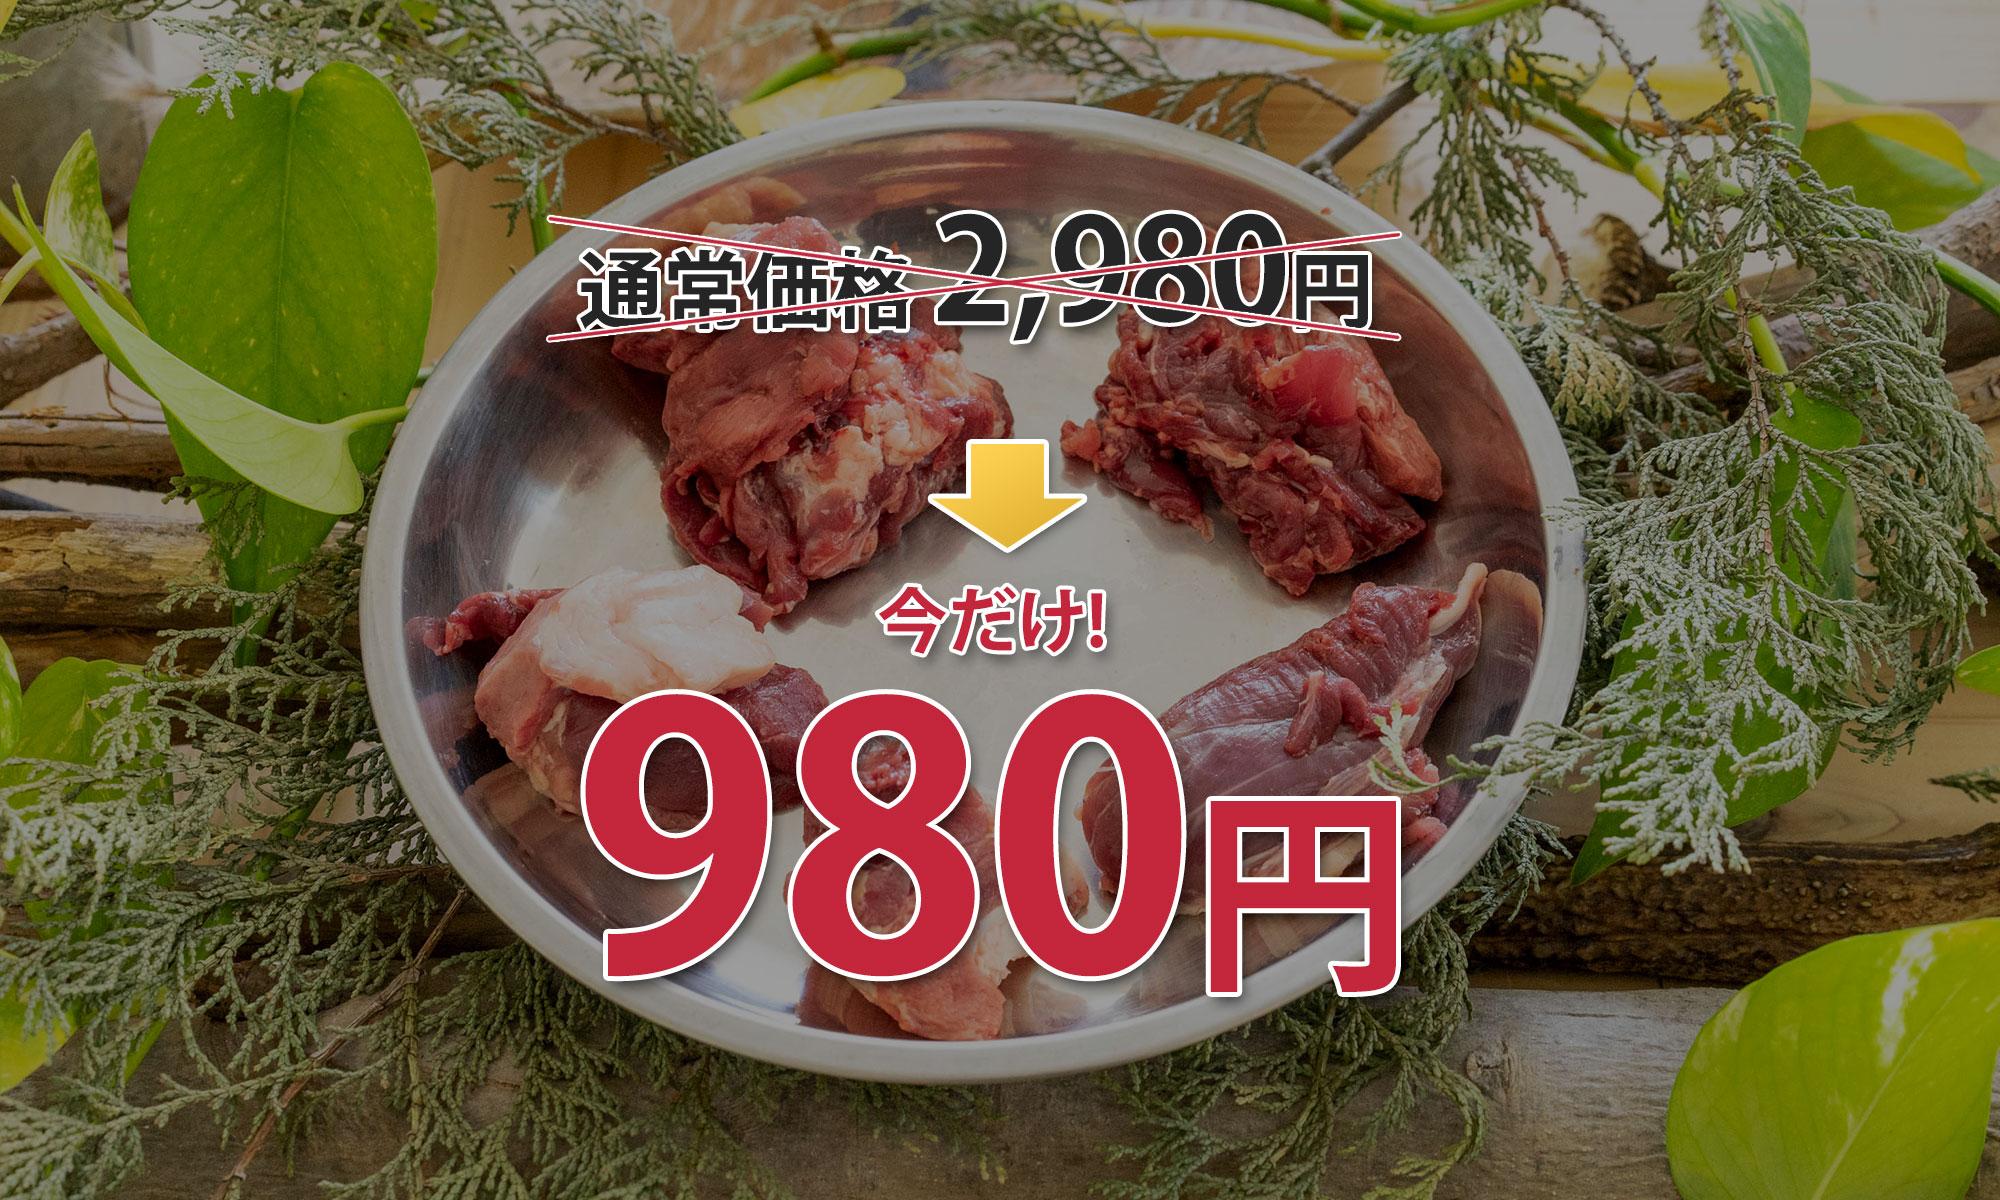 ペット用ジビエ 鹿肉